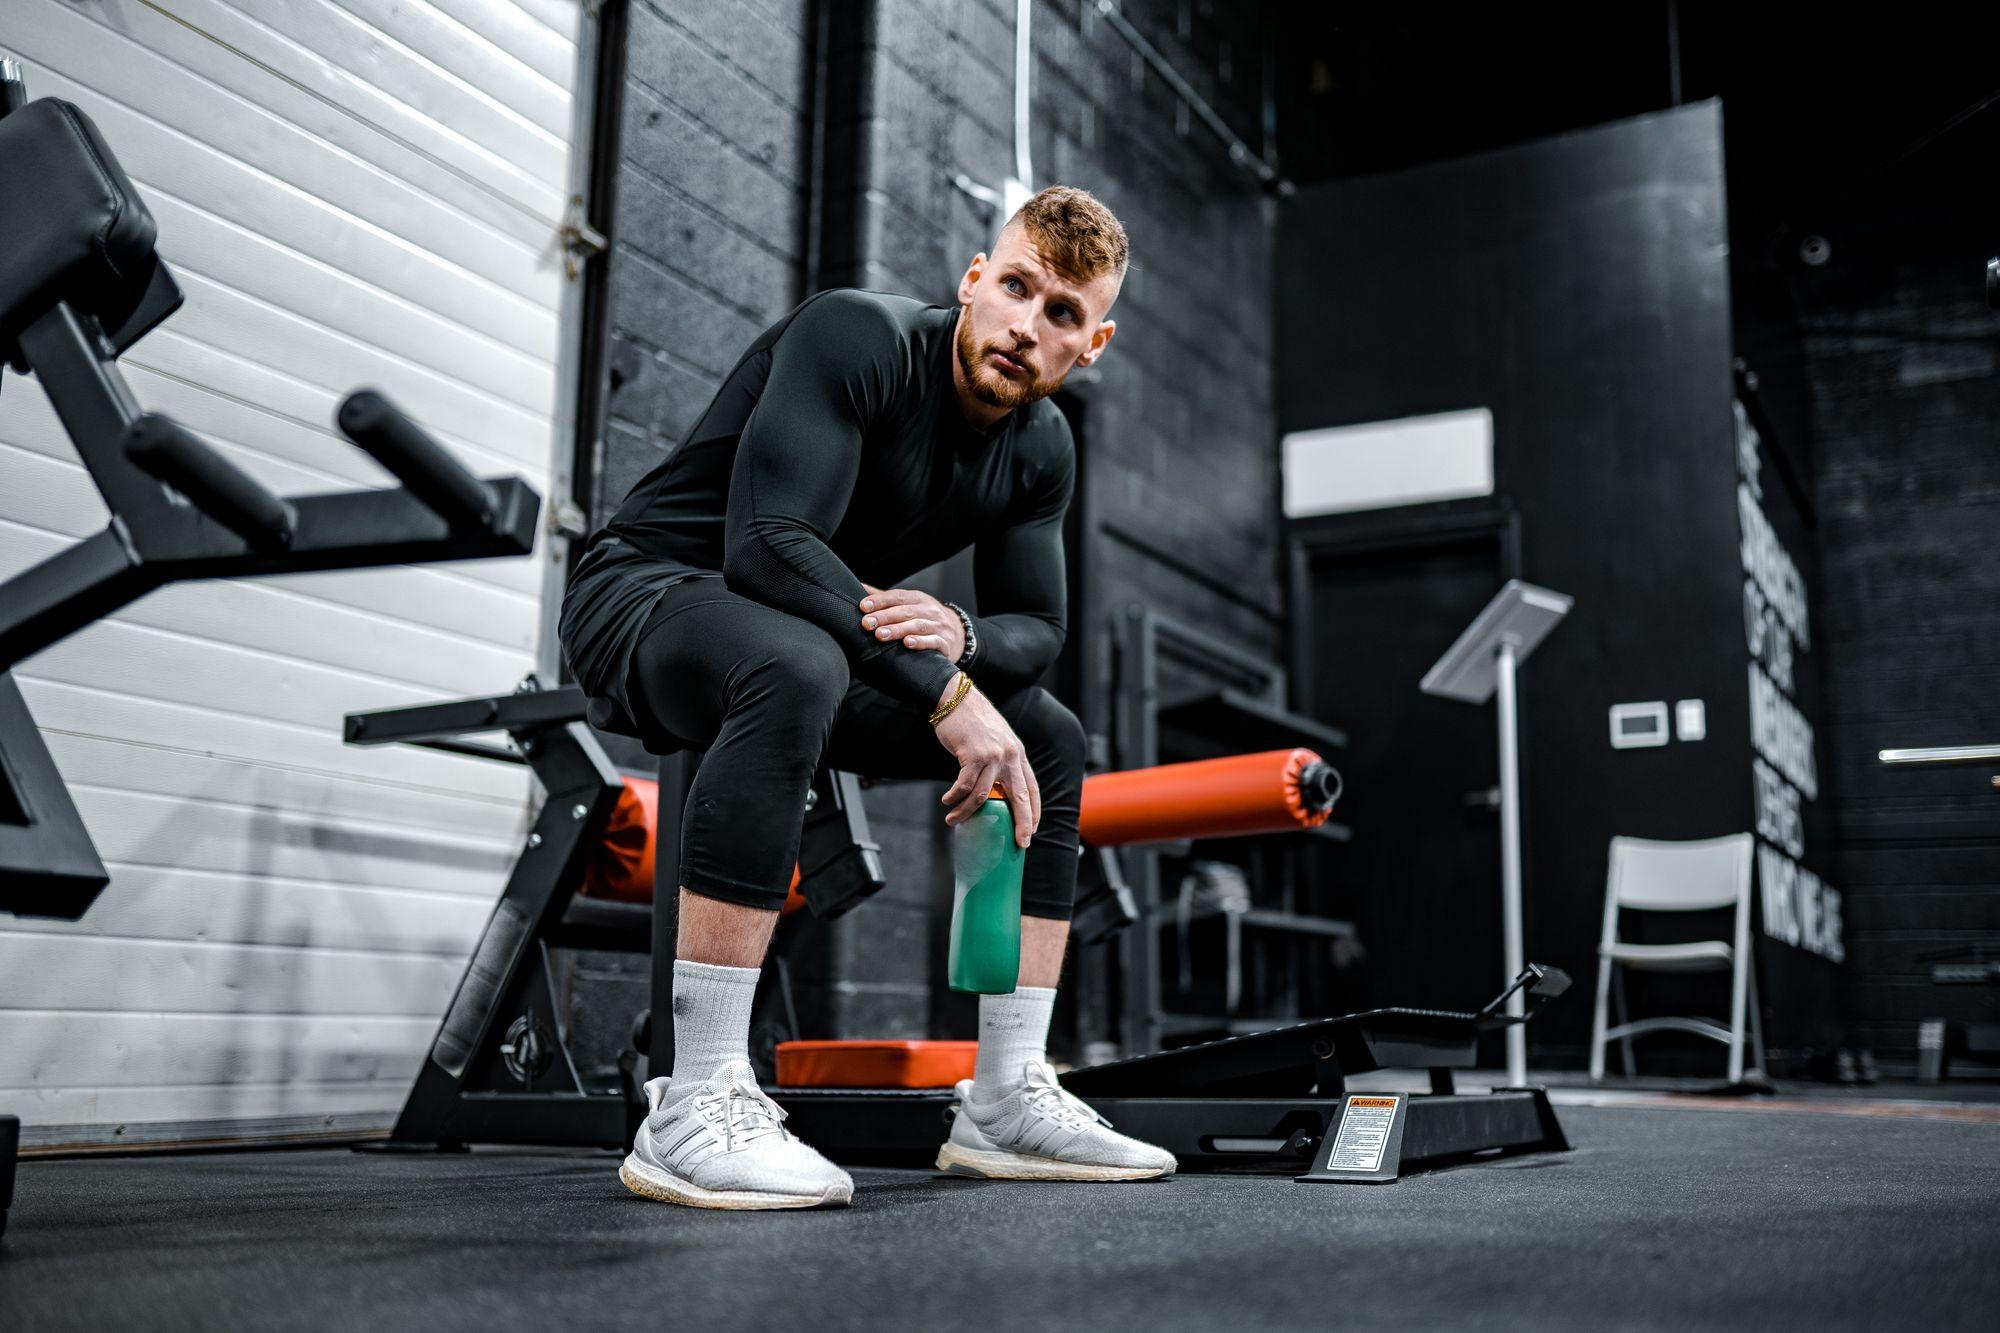 Fitness entrepreneur